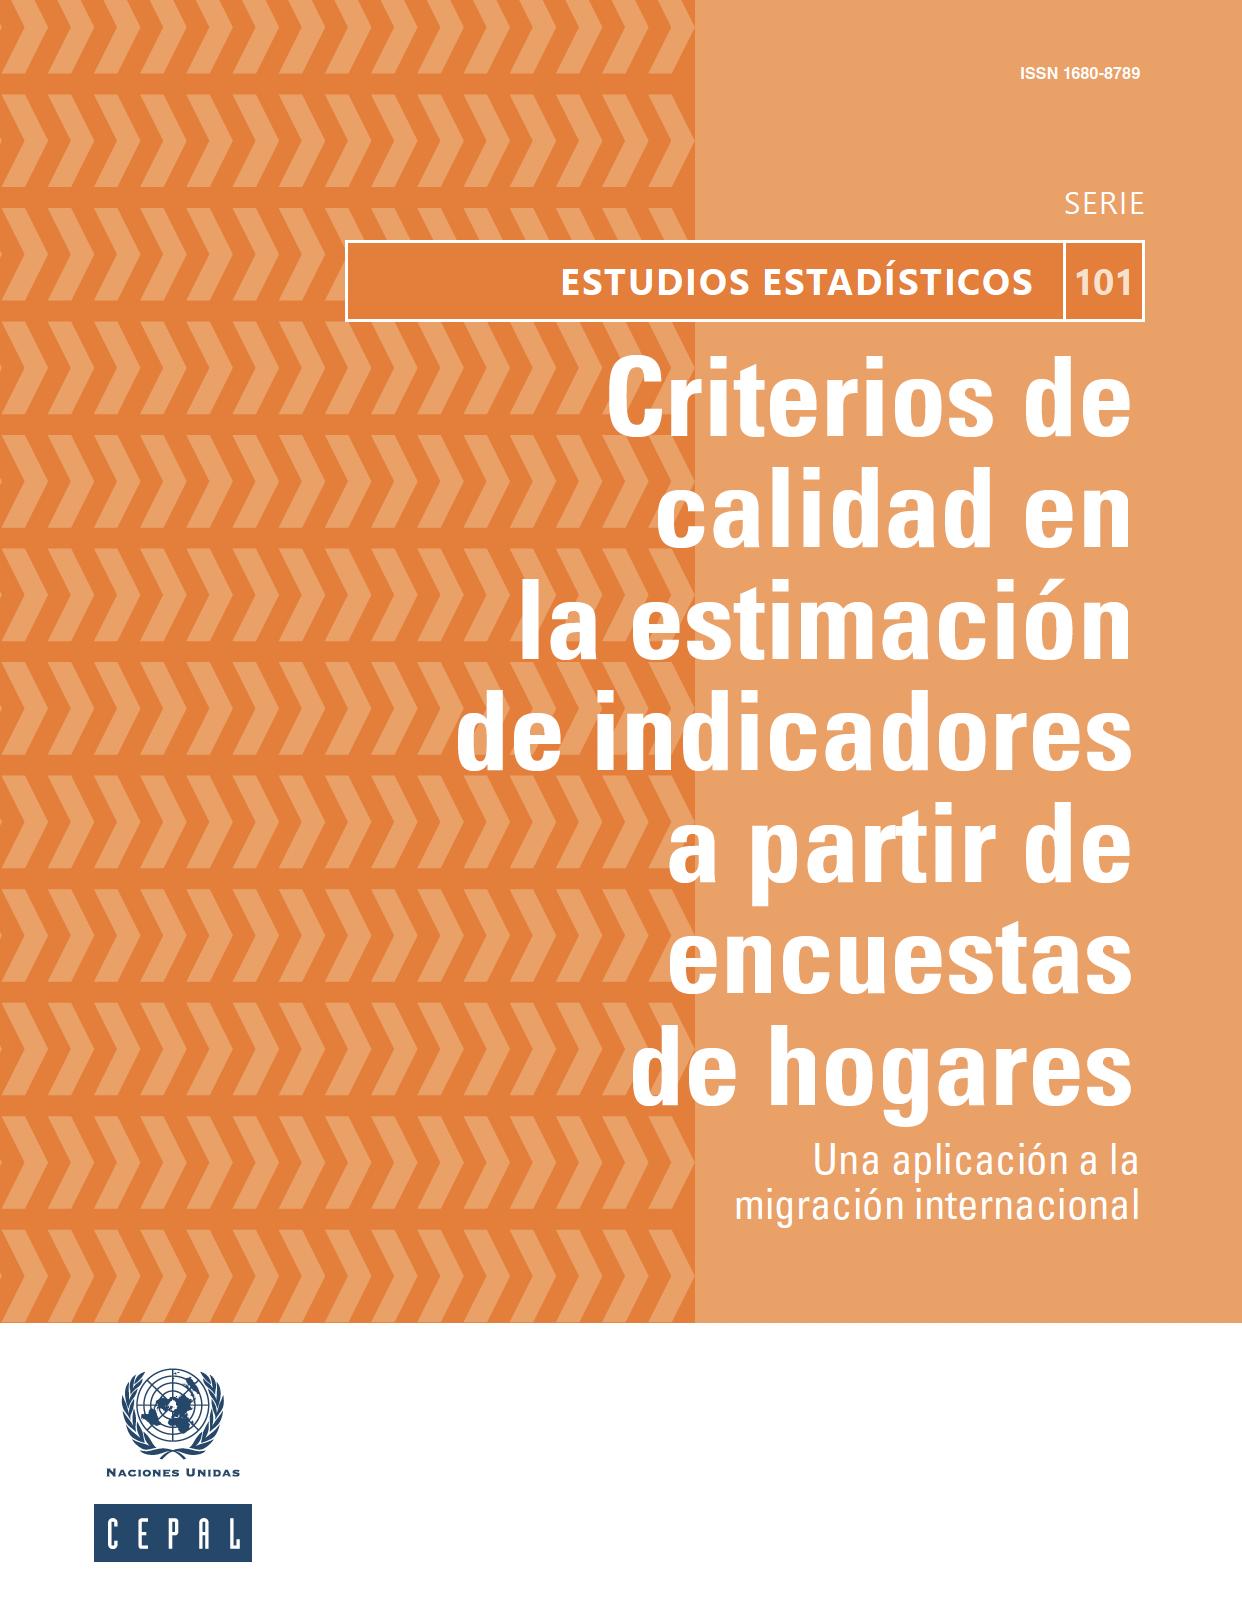 Criterios de calidad en la estimación de indicadores a partir de encuestas de hogares: una aplicación a la migración internacional